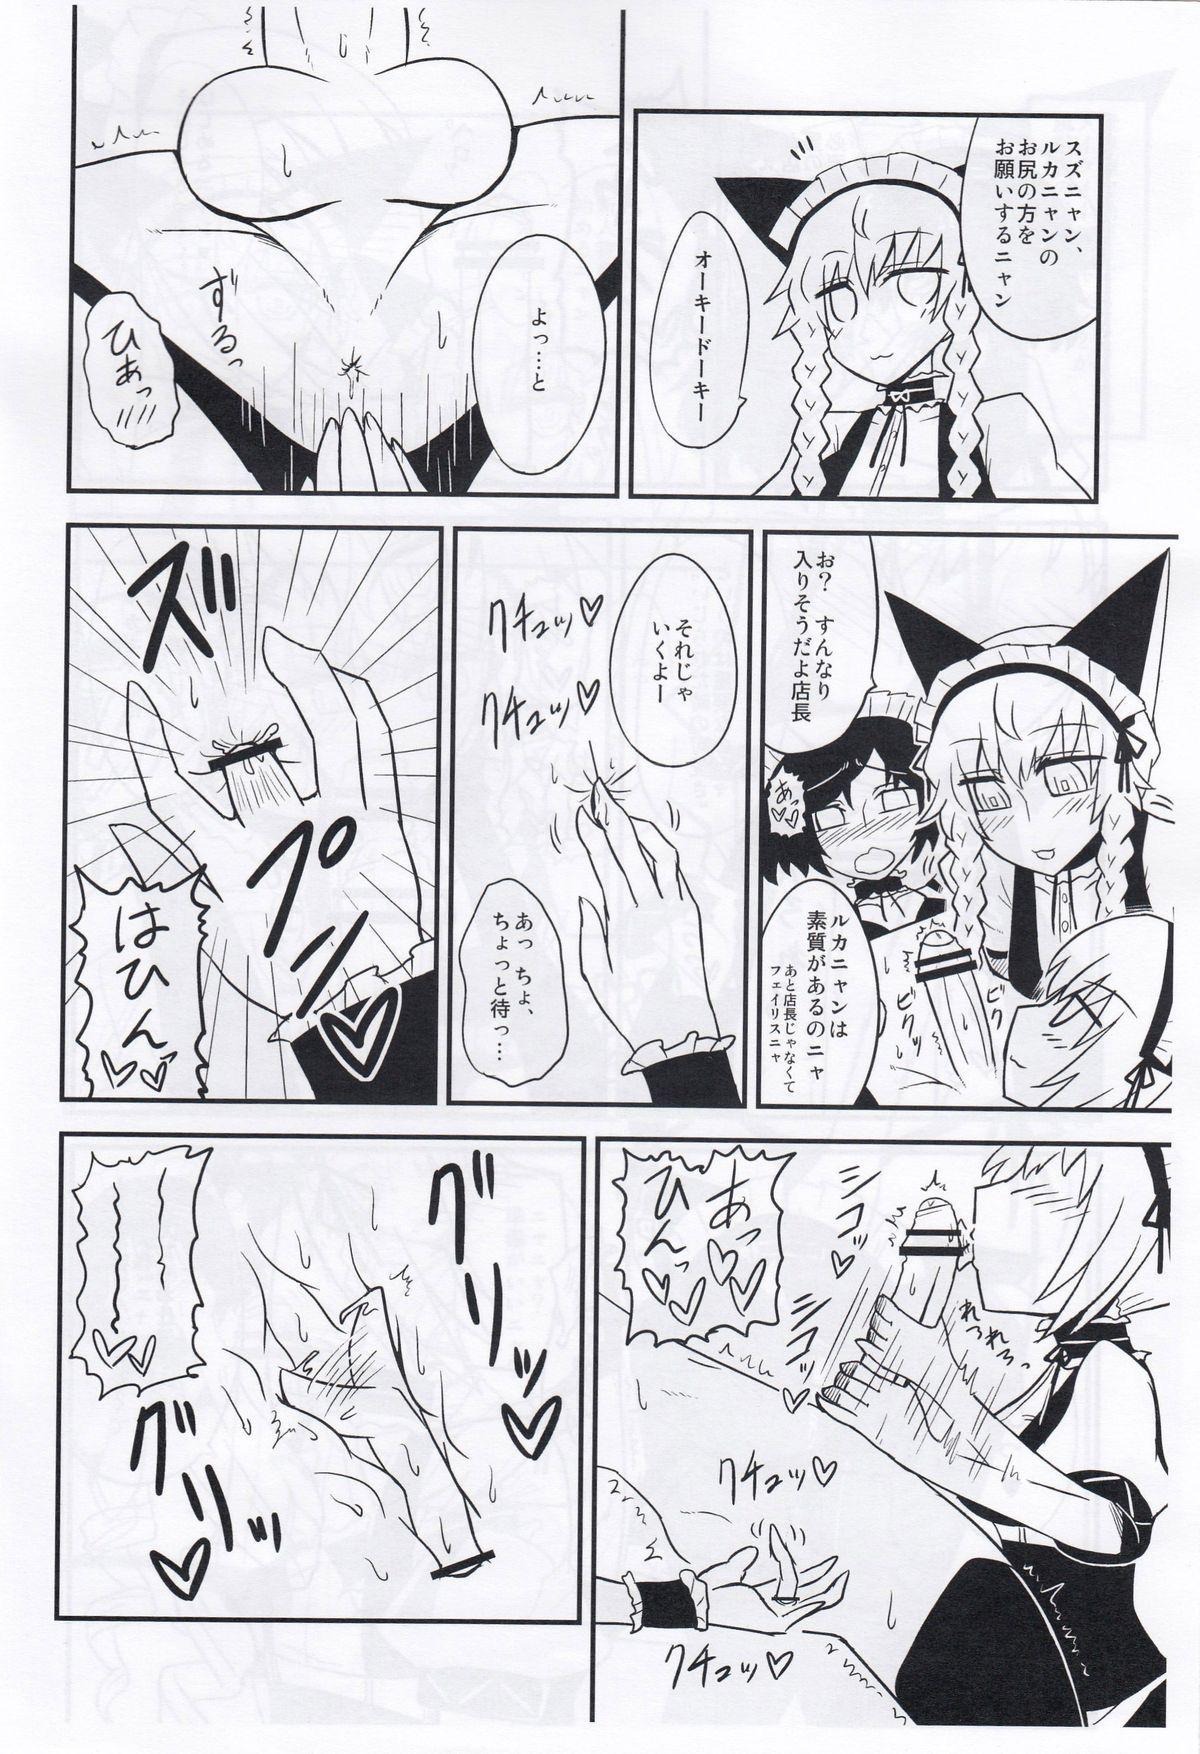 性欲飽和のらぶChu☆Chu! 3